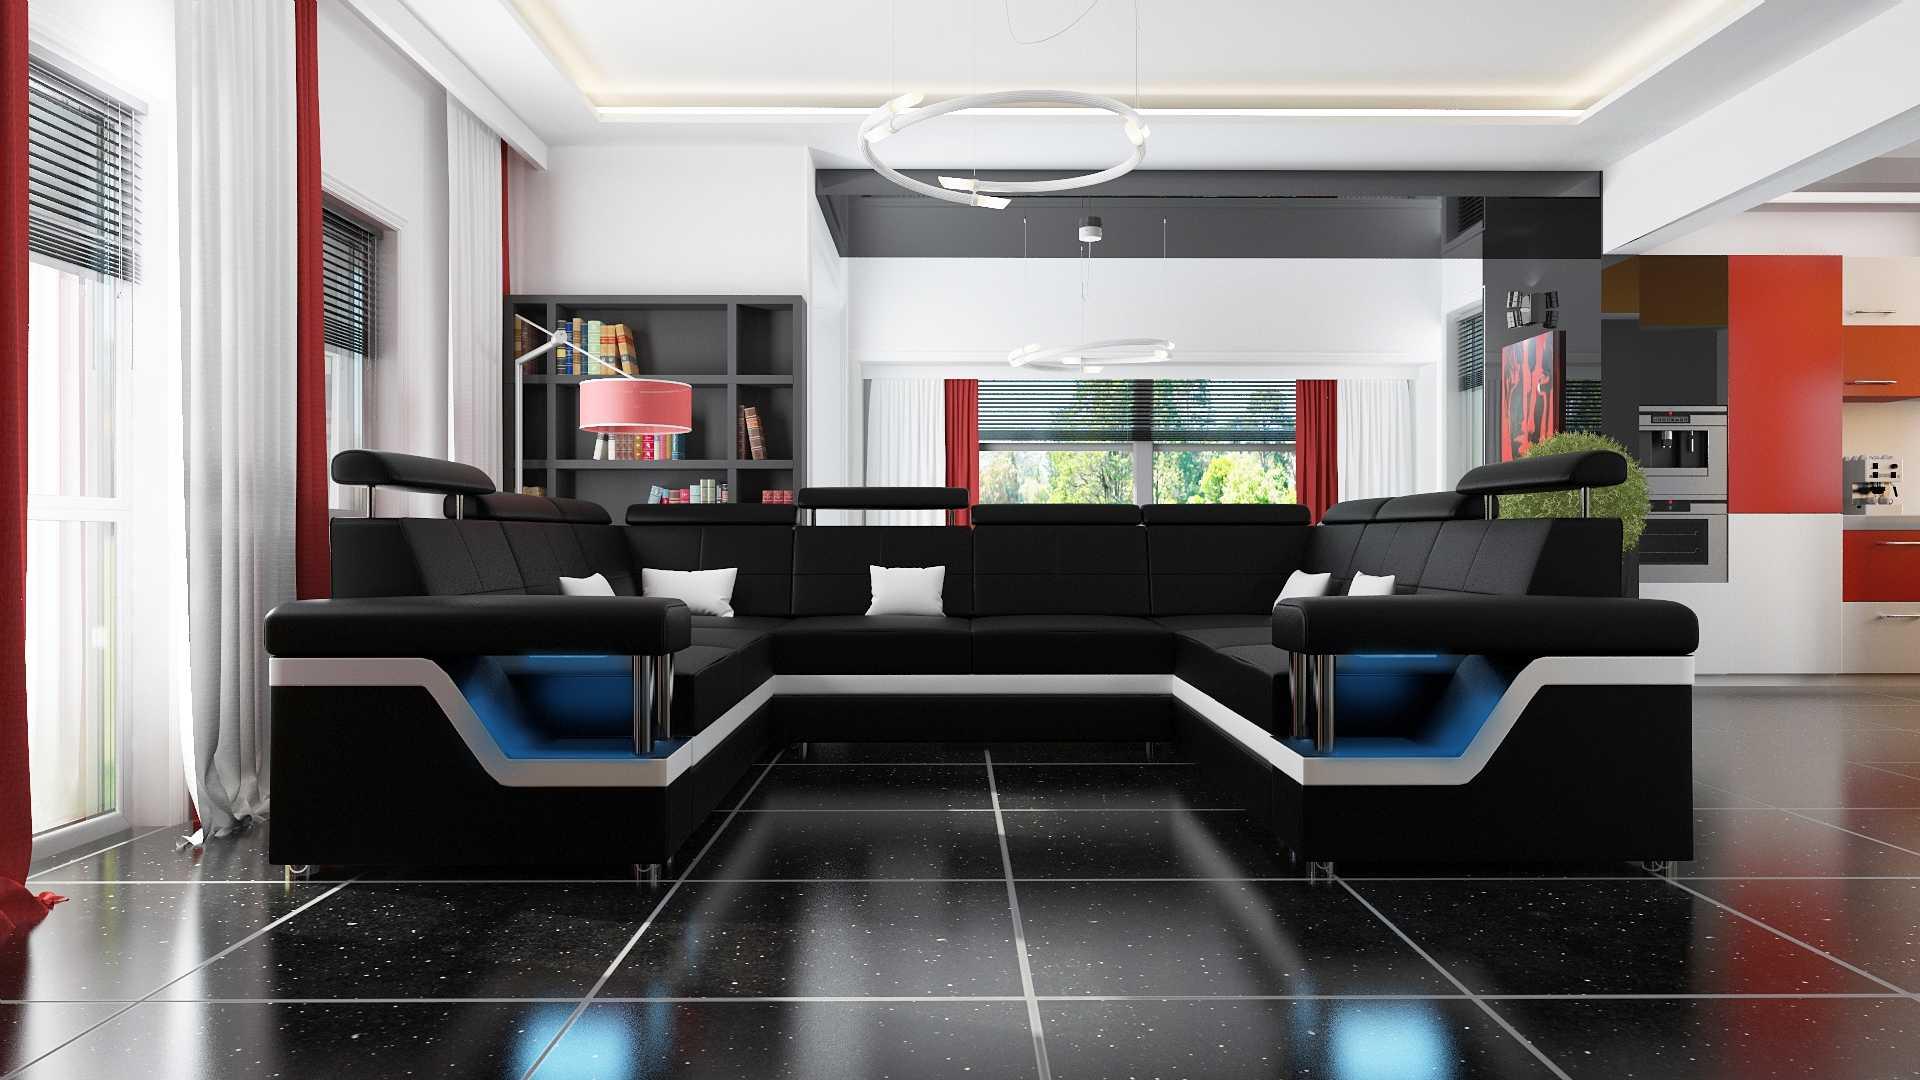 sofas und ledersofas hamburg 4 bettfunktion designersofa ecksofa jv m bel. Black Bedroom Furniture Sets. Home Design Ideas